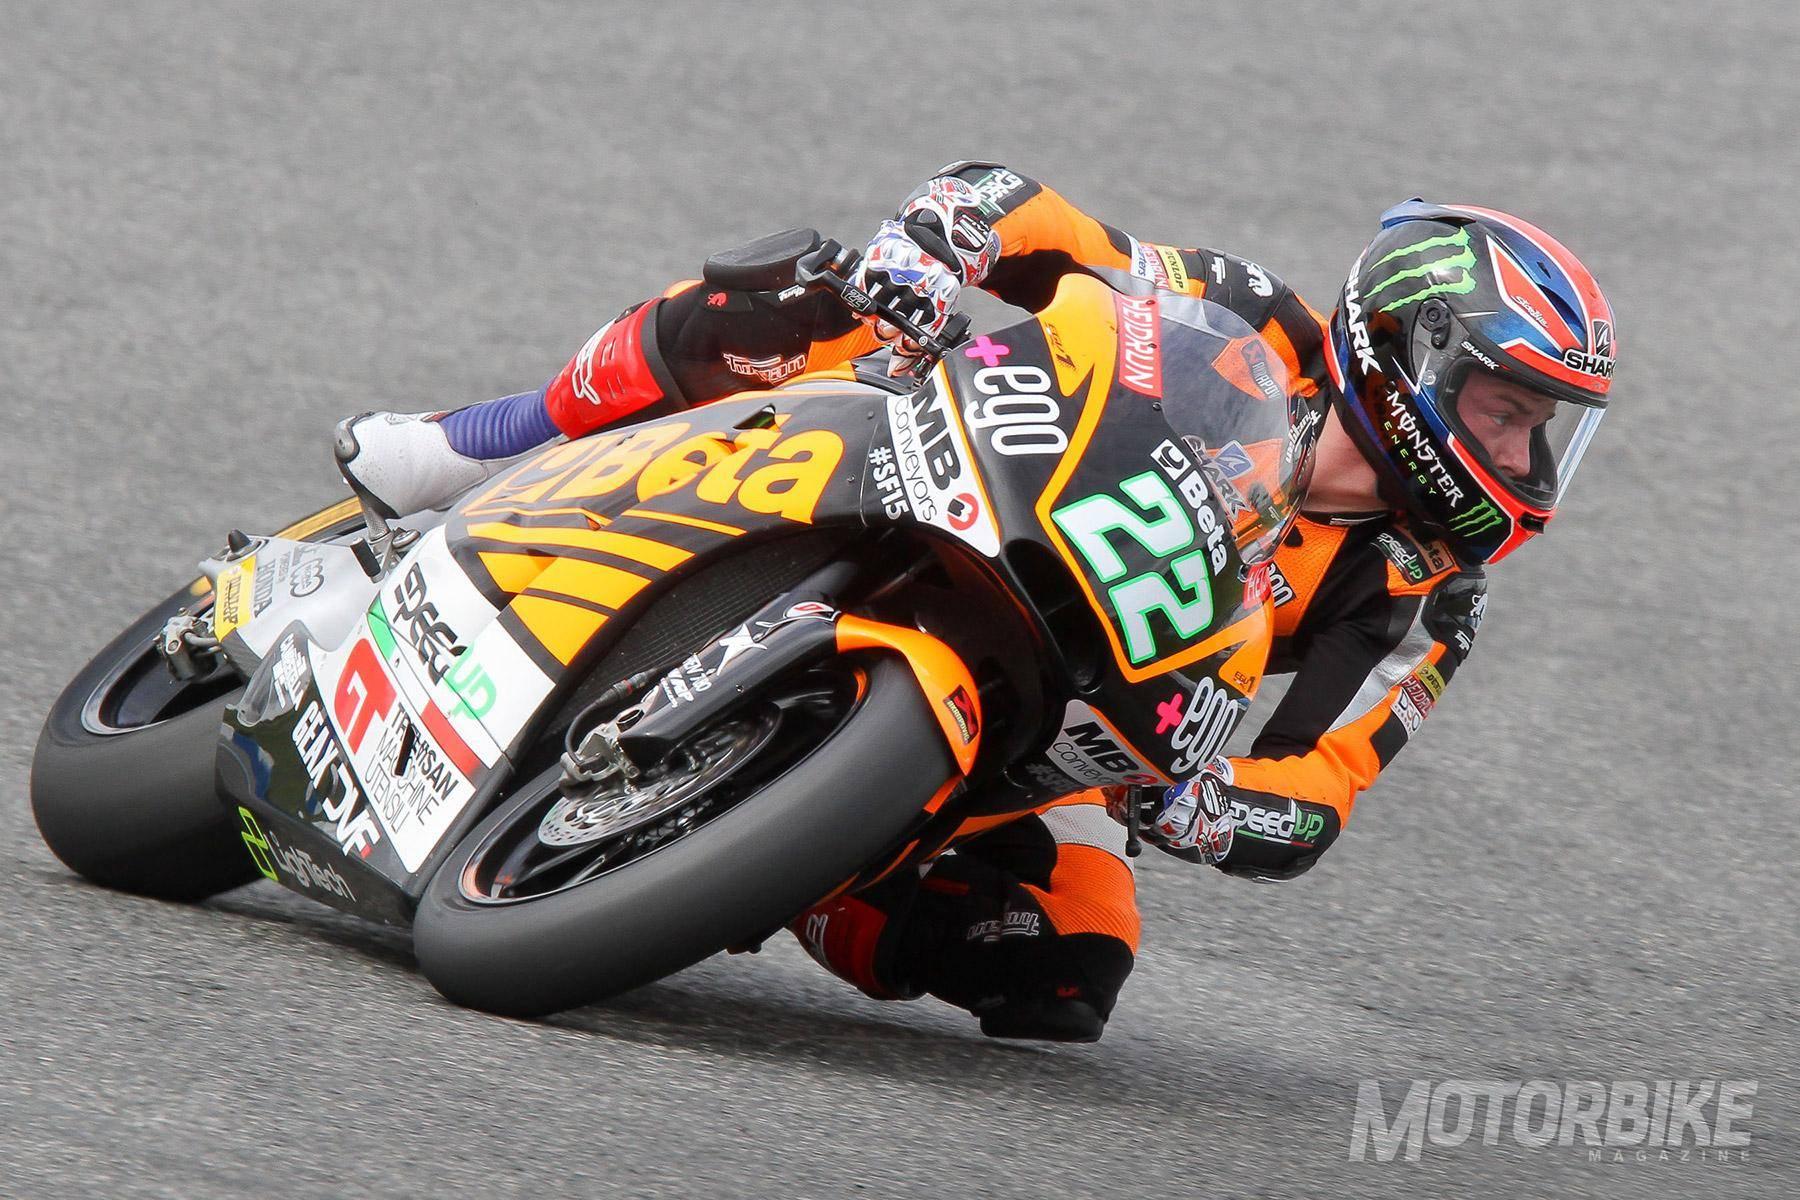 Moto2 2015: Equipos y decoraciones - Motorbike Magazine